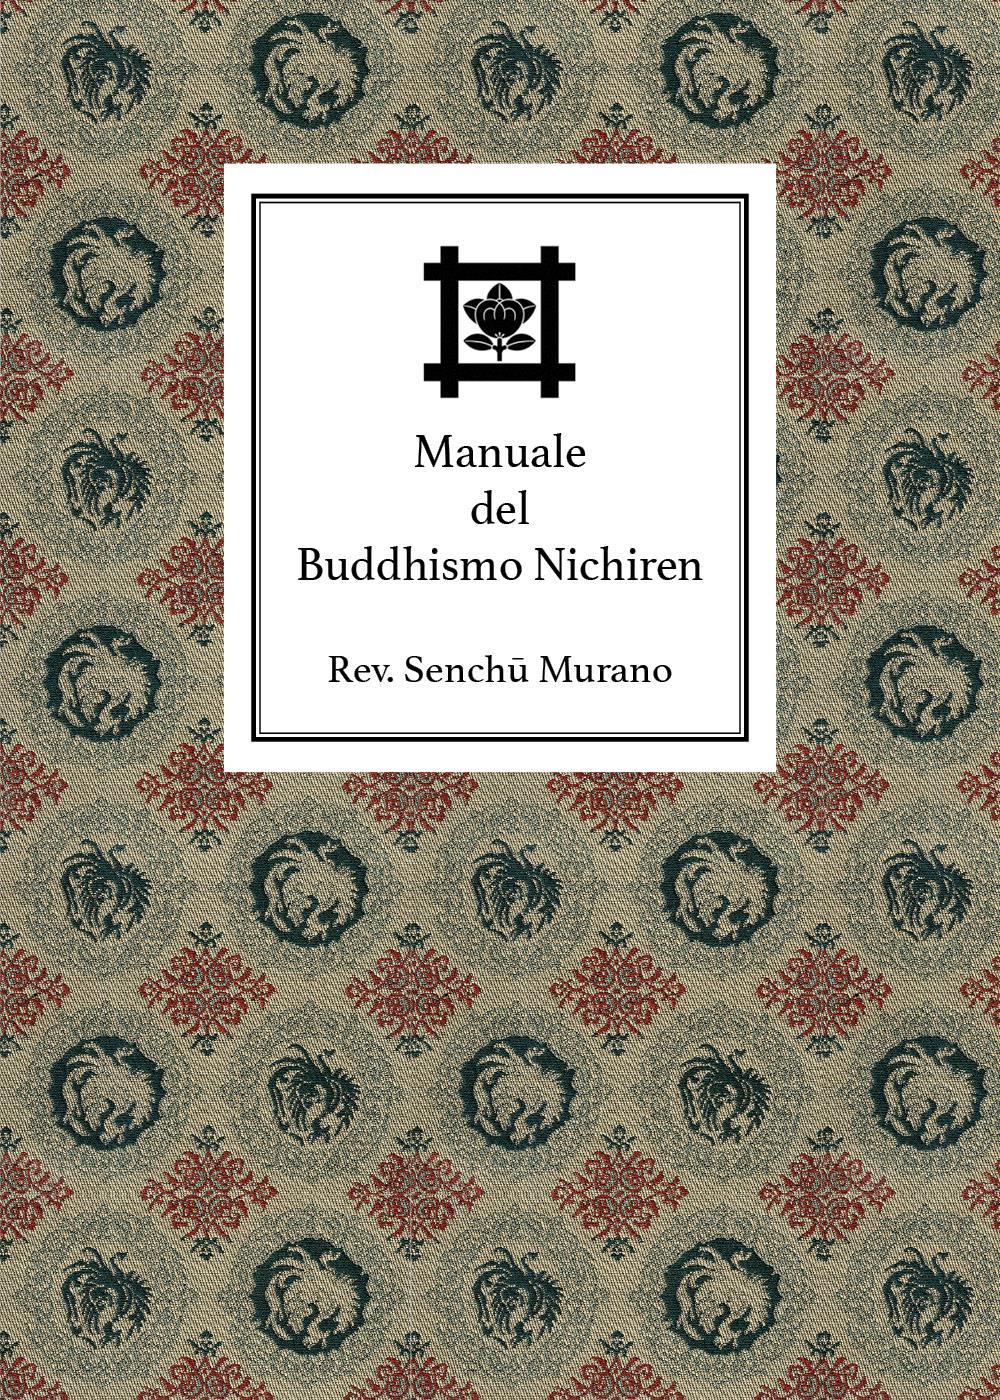 Manuale del Buddhismo Nichiren